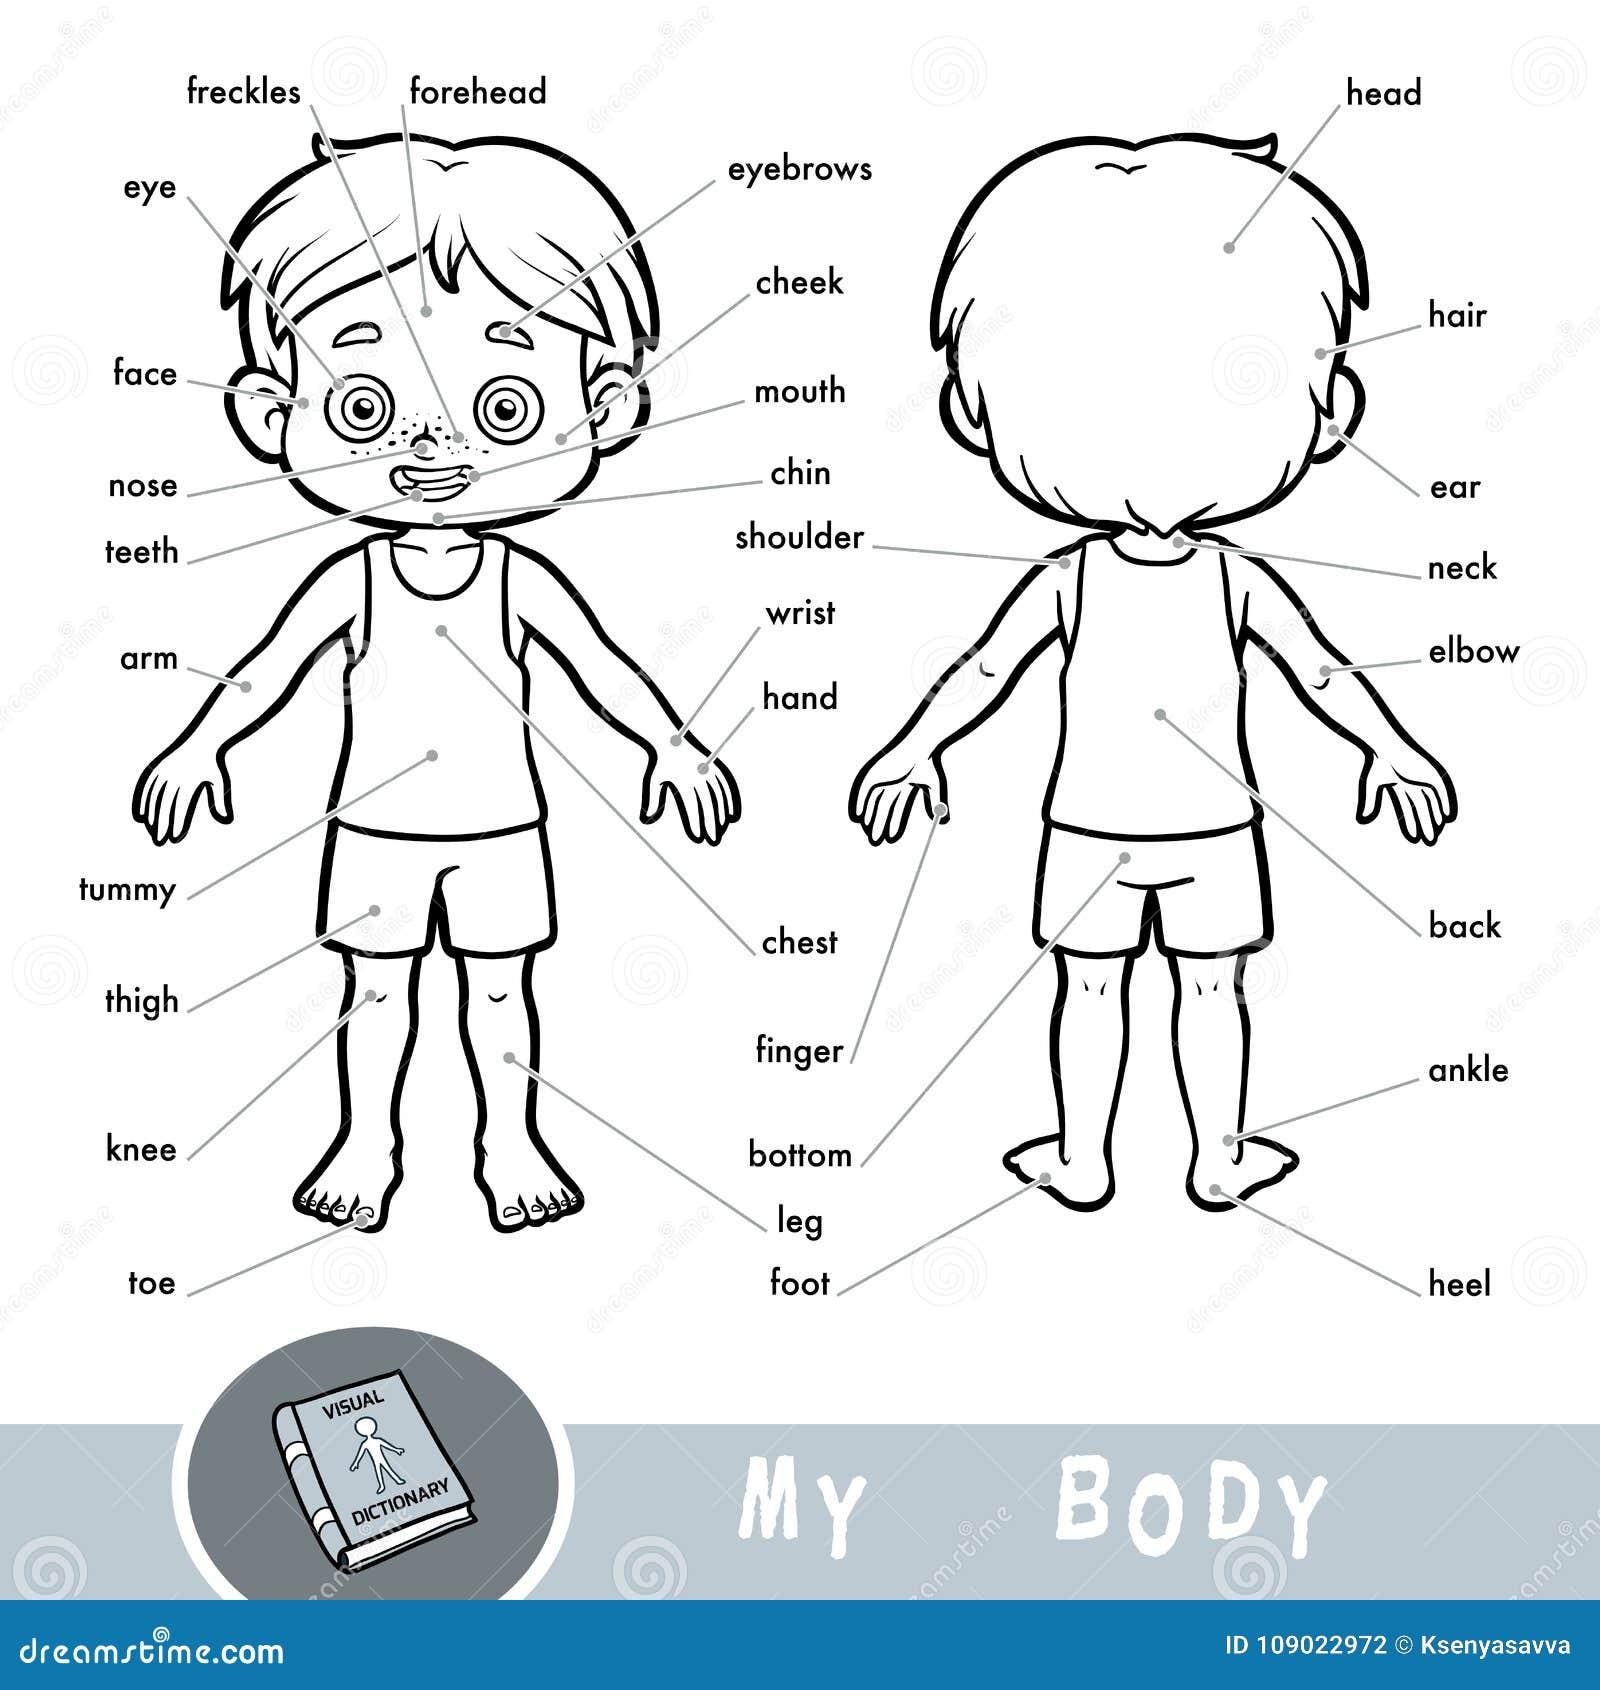 Visuell ordbok om människokroppen Mina kroppsdelar för en pojke